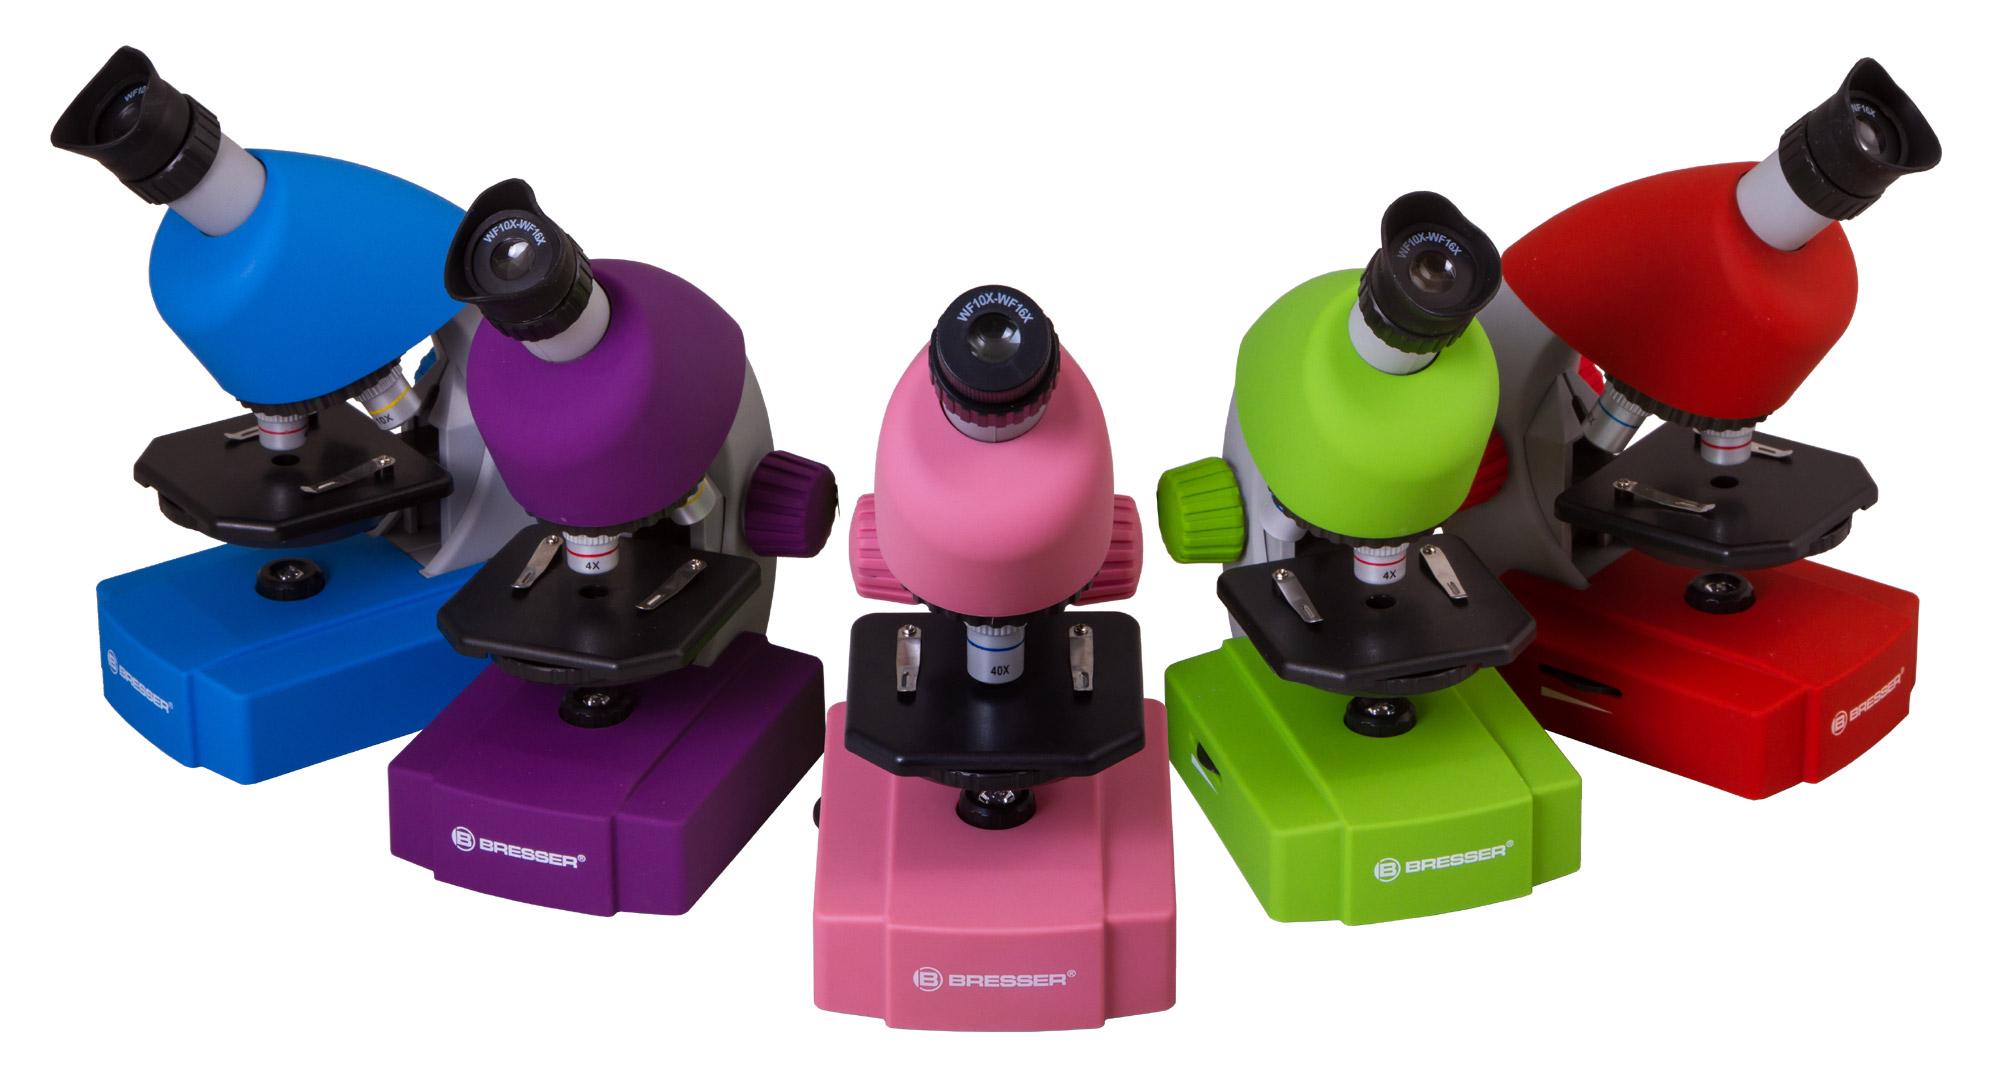 бородавка под микроскопом, бородавка под микроскопом фото, корни бородавки под микроскопом, корни бородавки фото под микроскопом